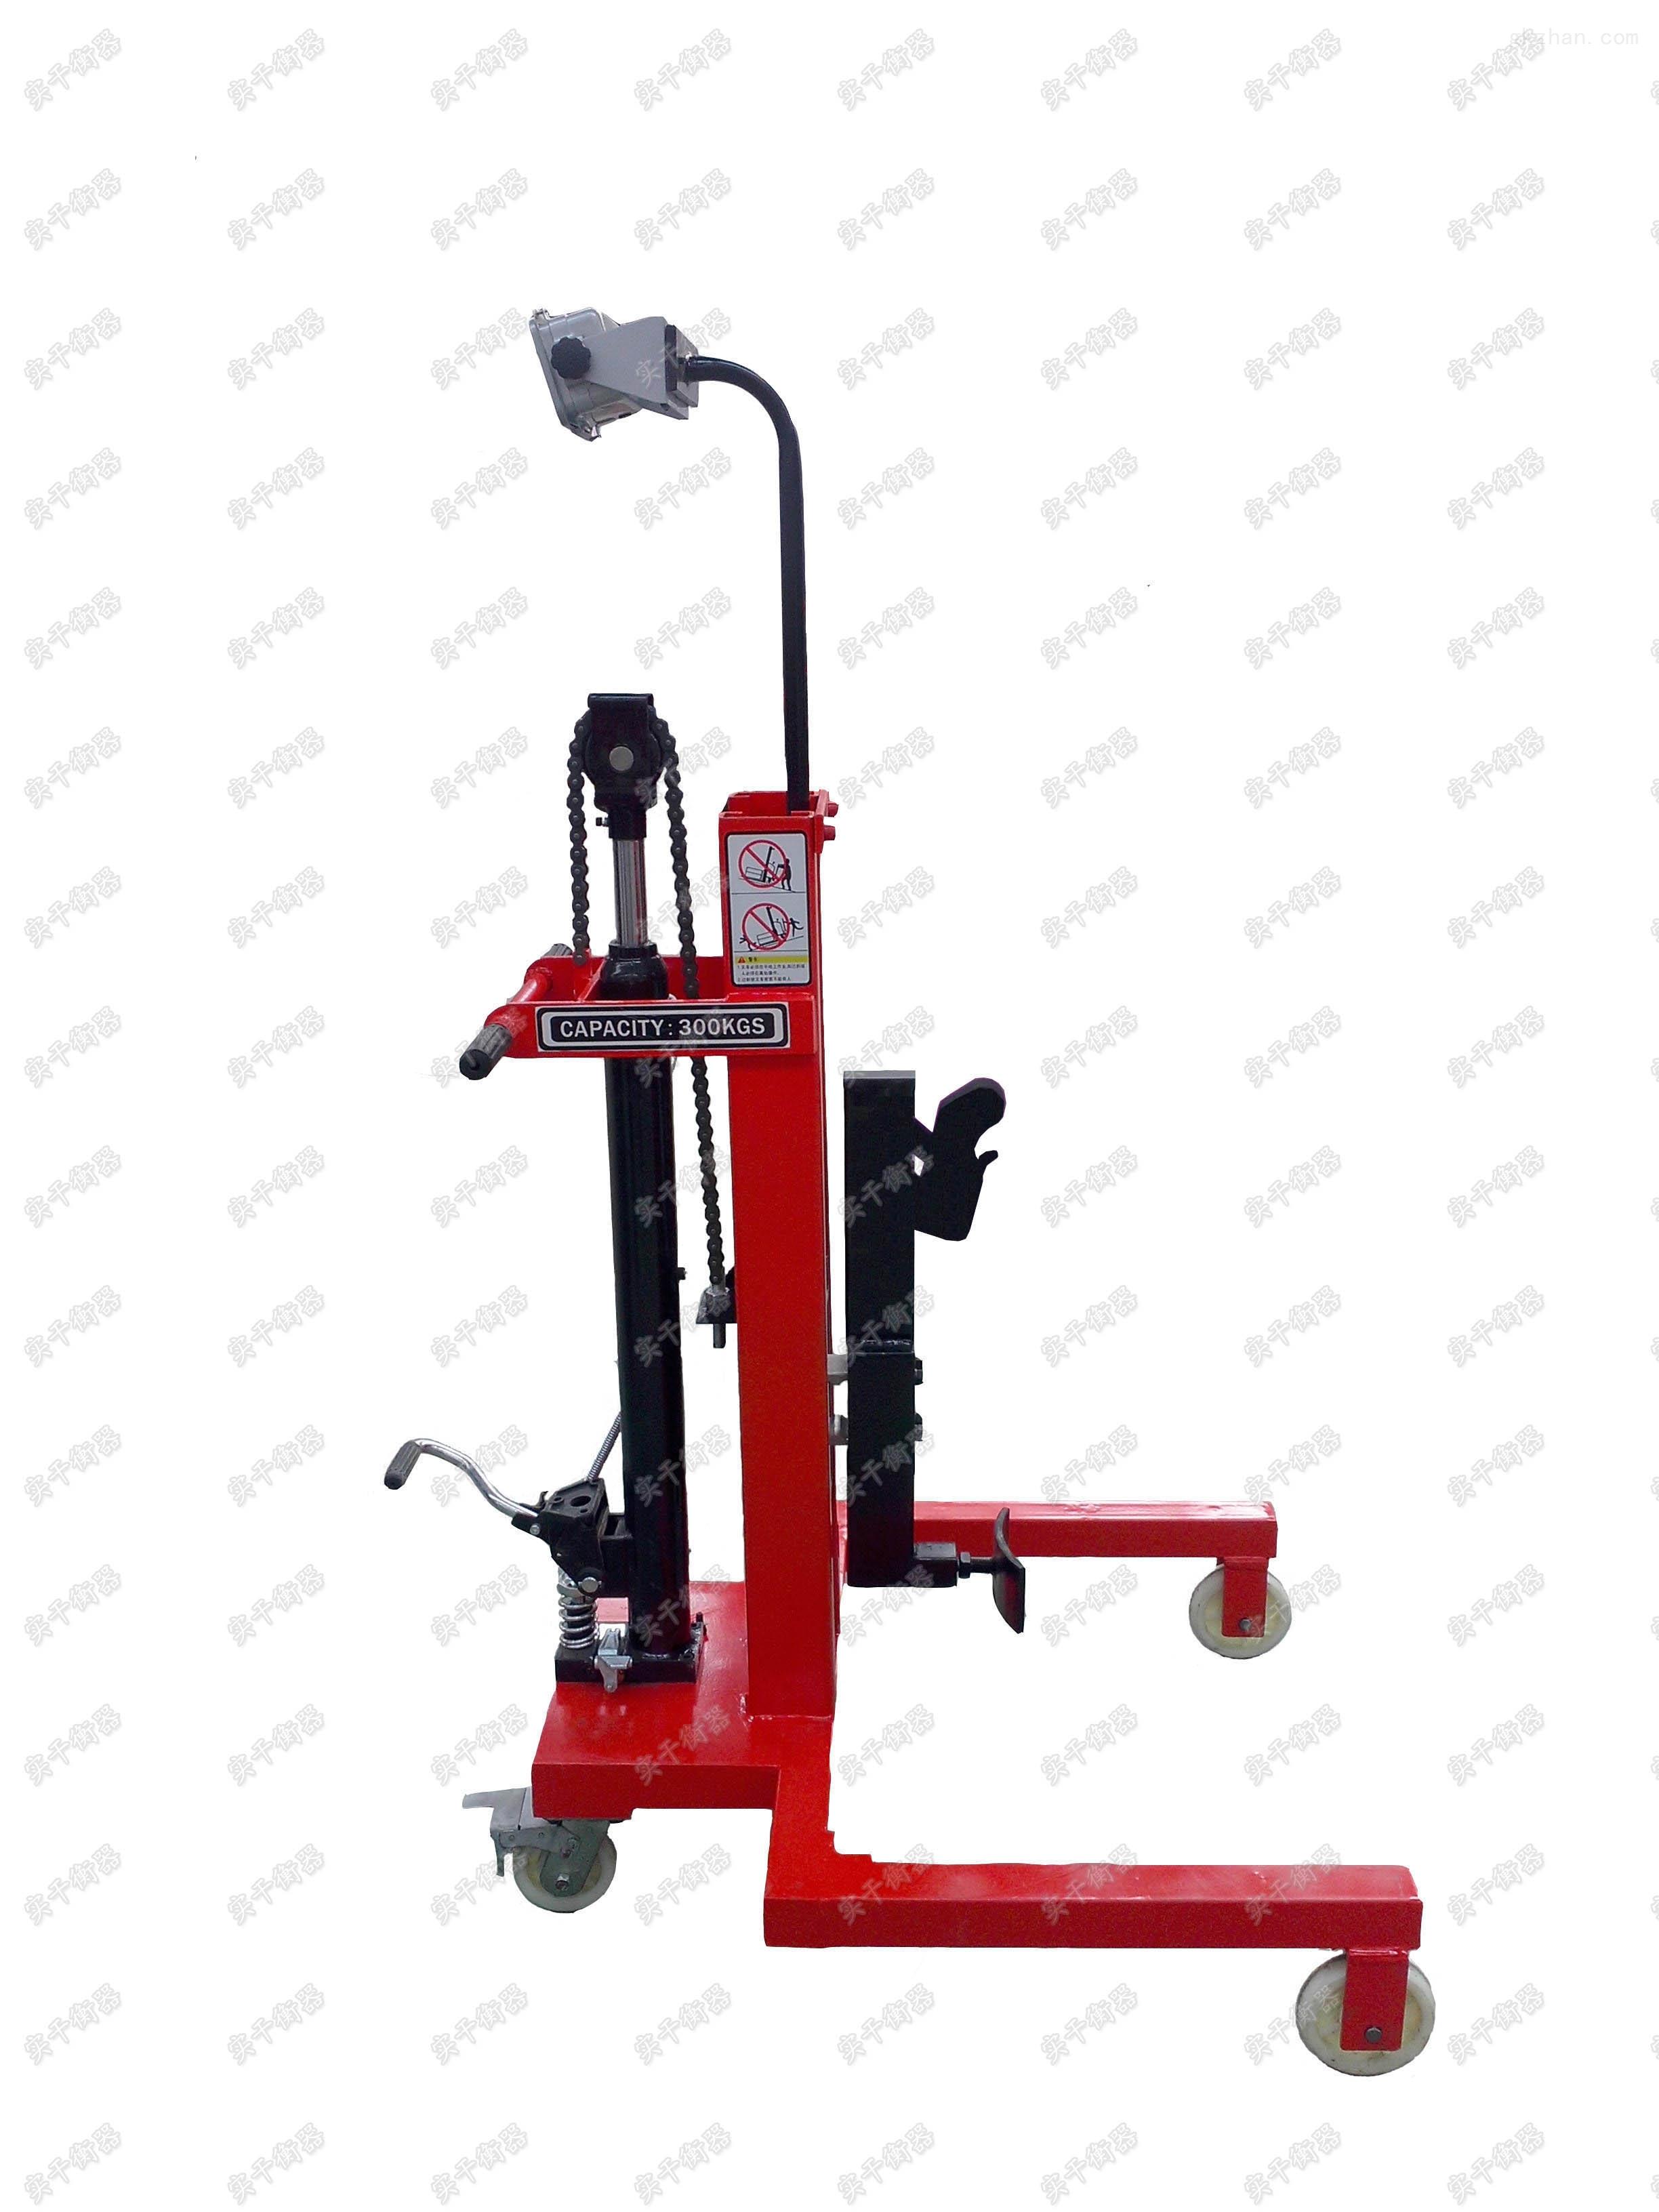 电子油桶秤-搬运电子油桶秤-上海实干实业有限公司